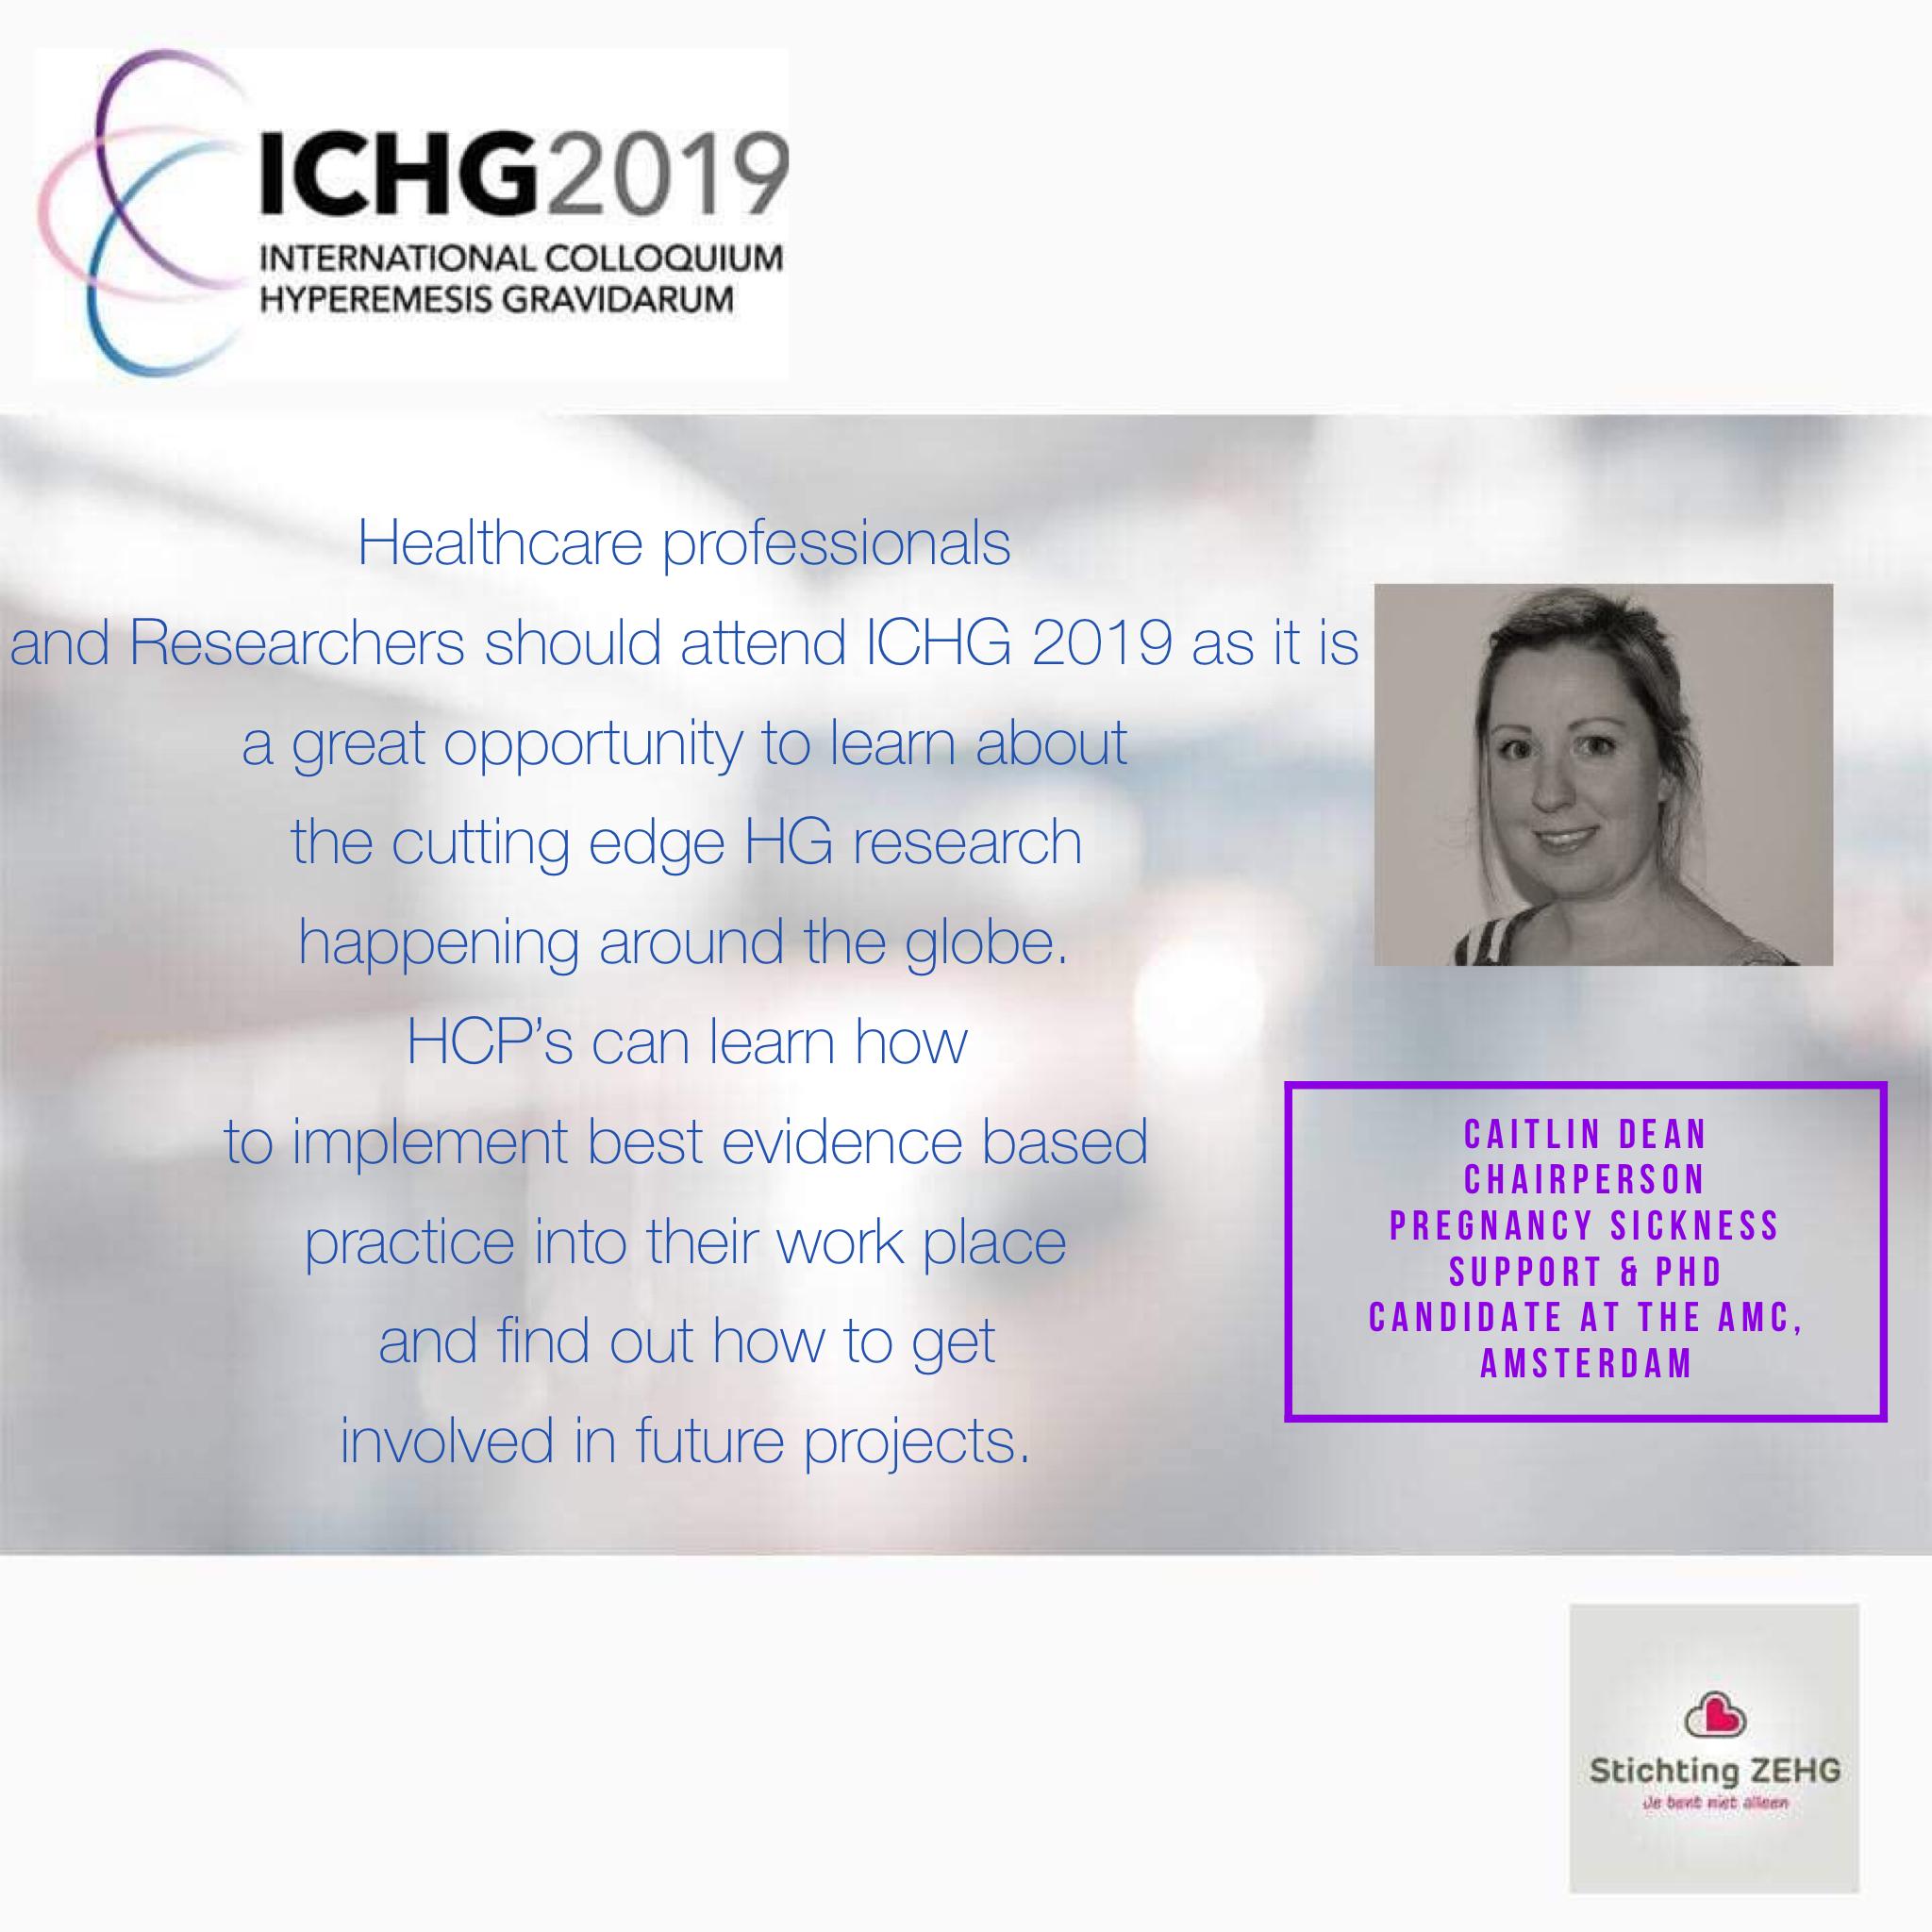 ICHG2019